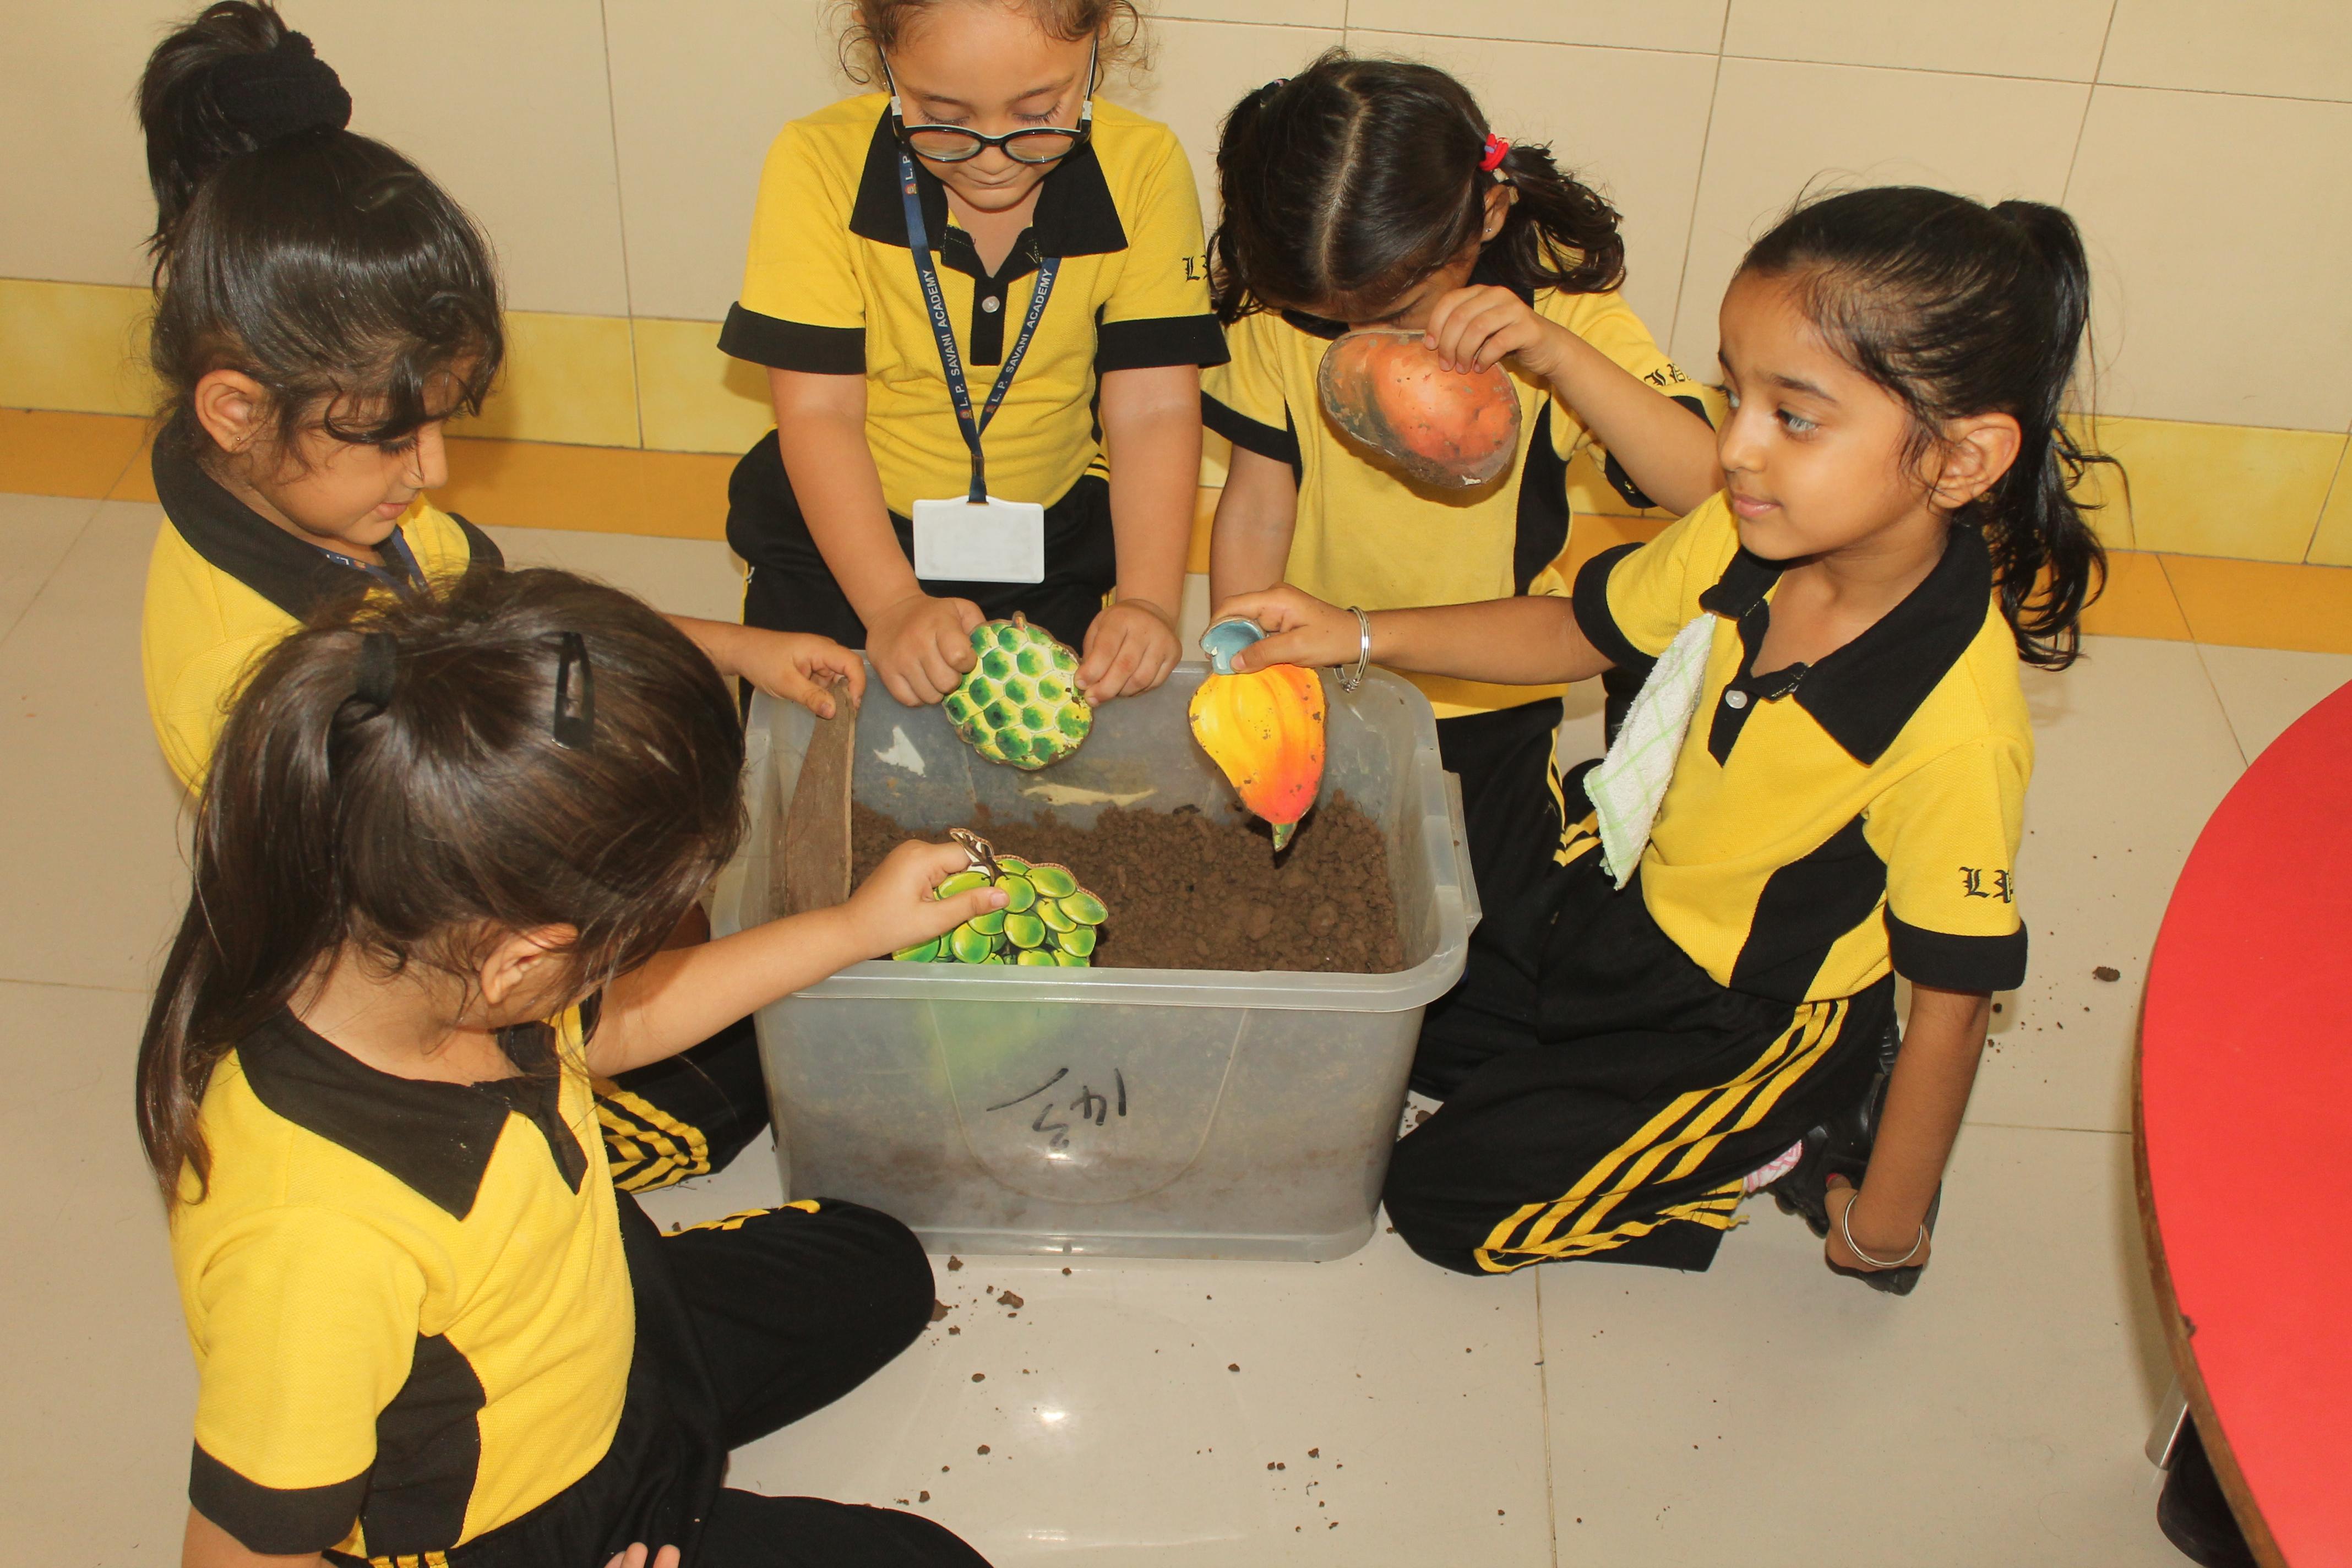 Health & Hygiene Week Activity